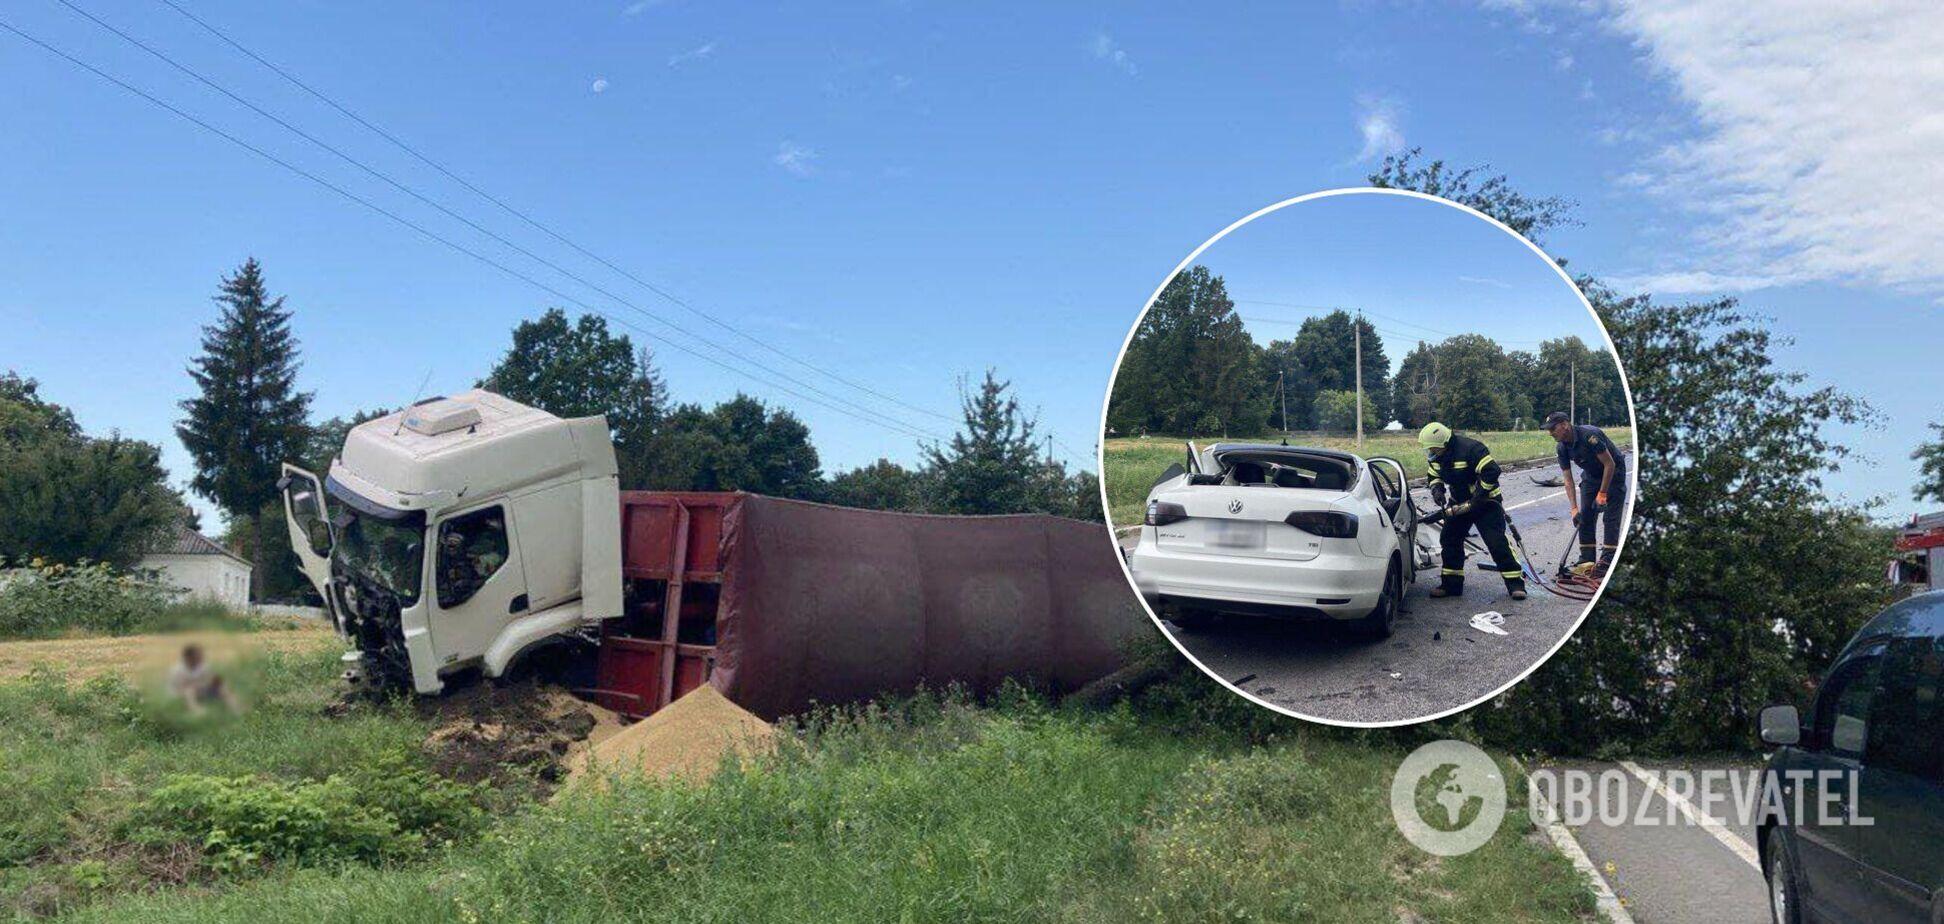 У Черкаській області легковик влетів у вантажівку, загинули троє осіб. Фото